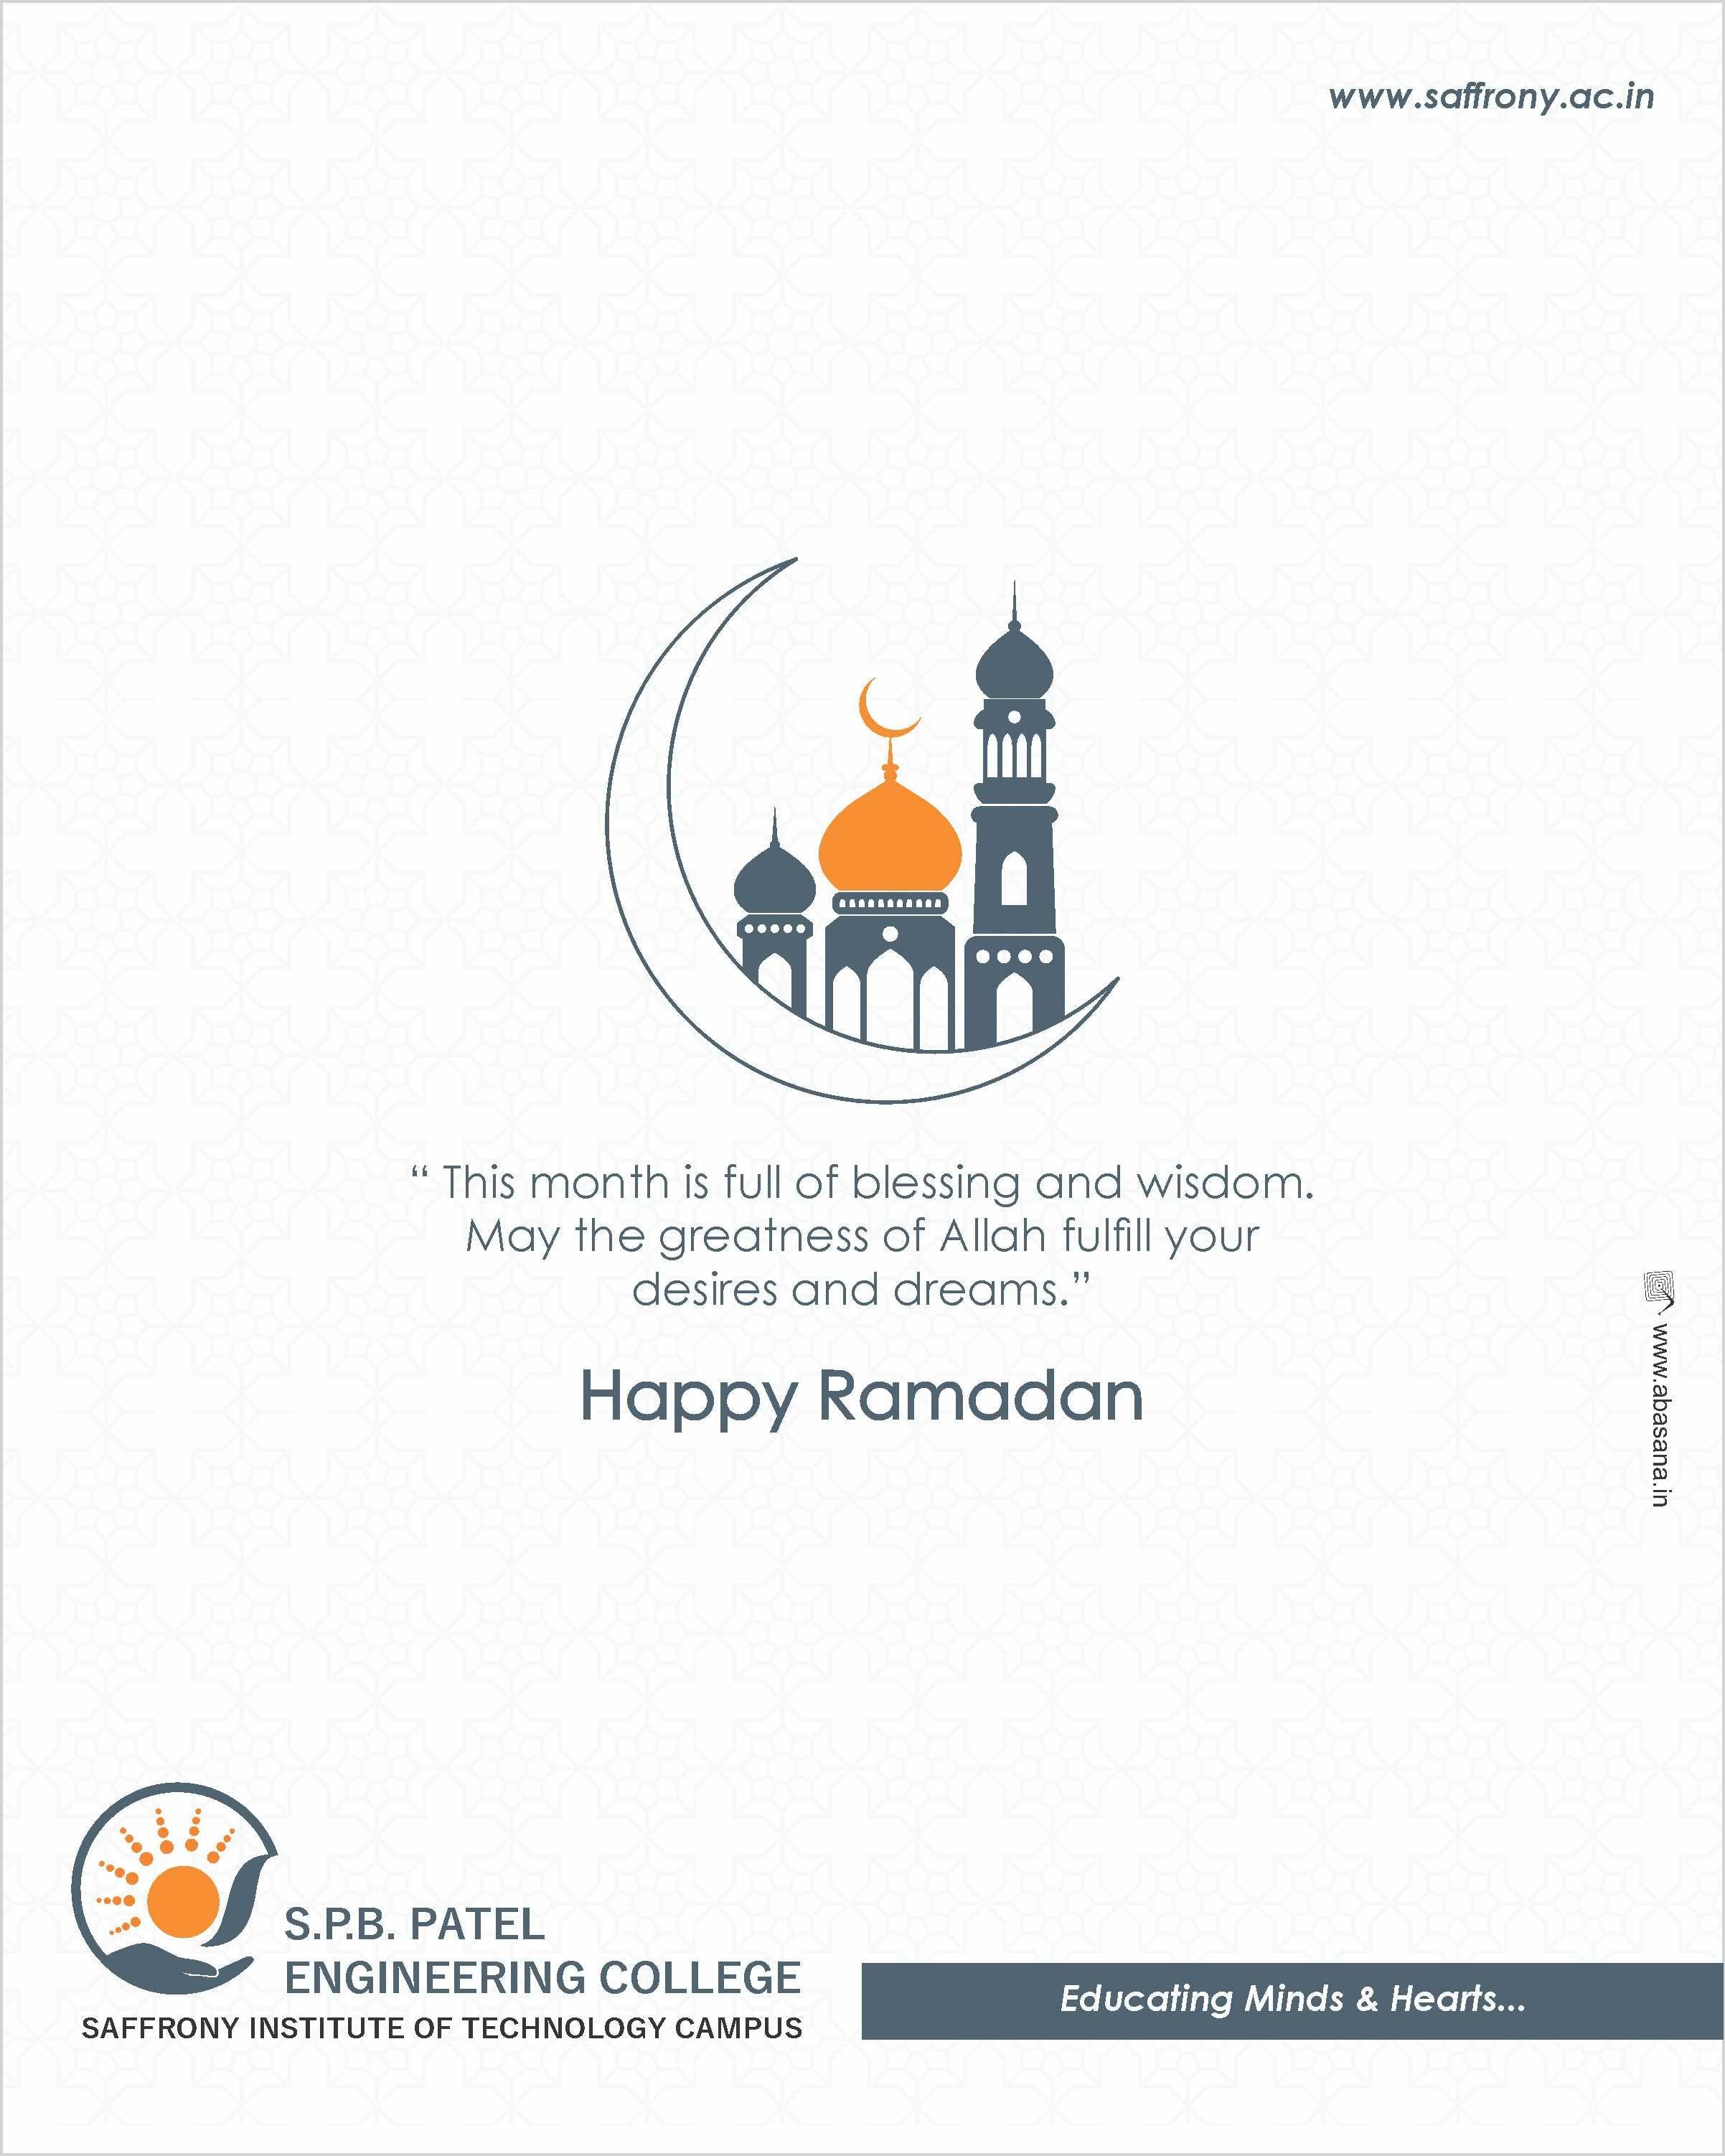 Eid mubarak eid mubarak greetings